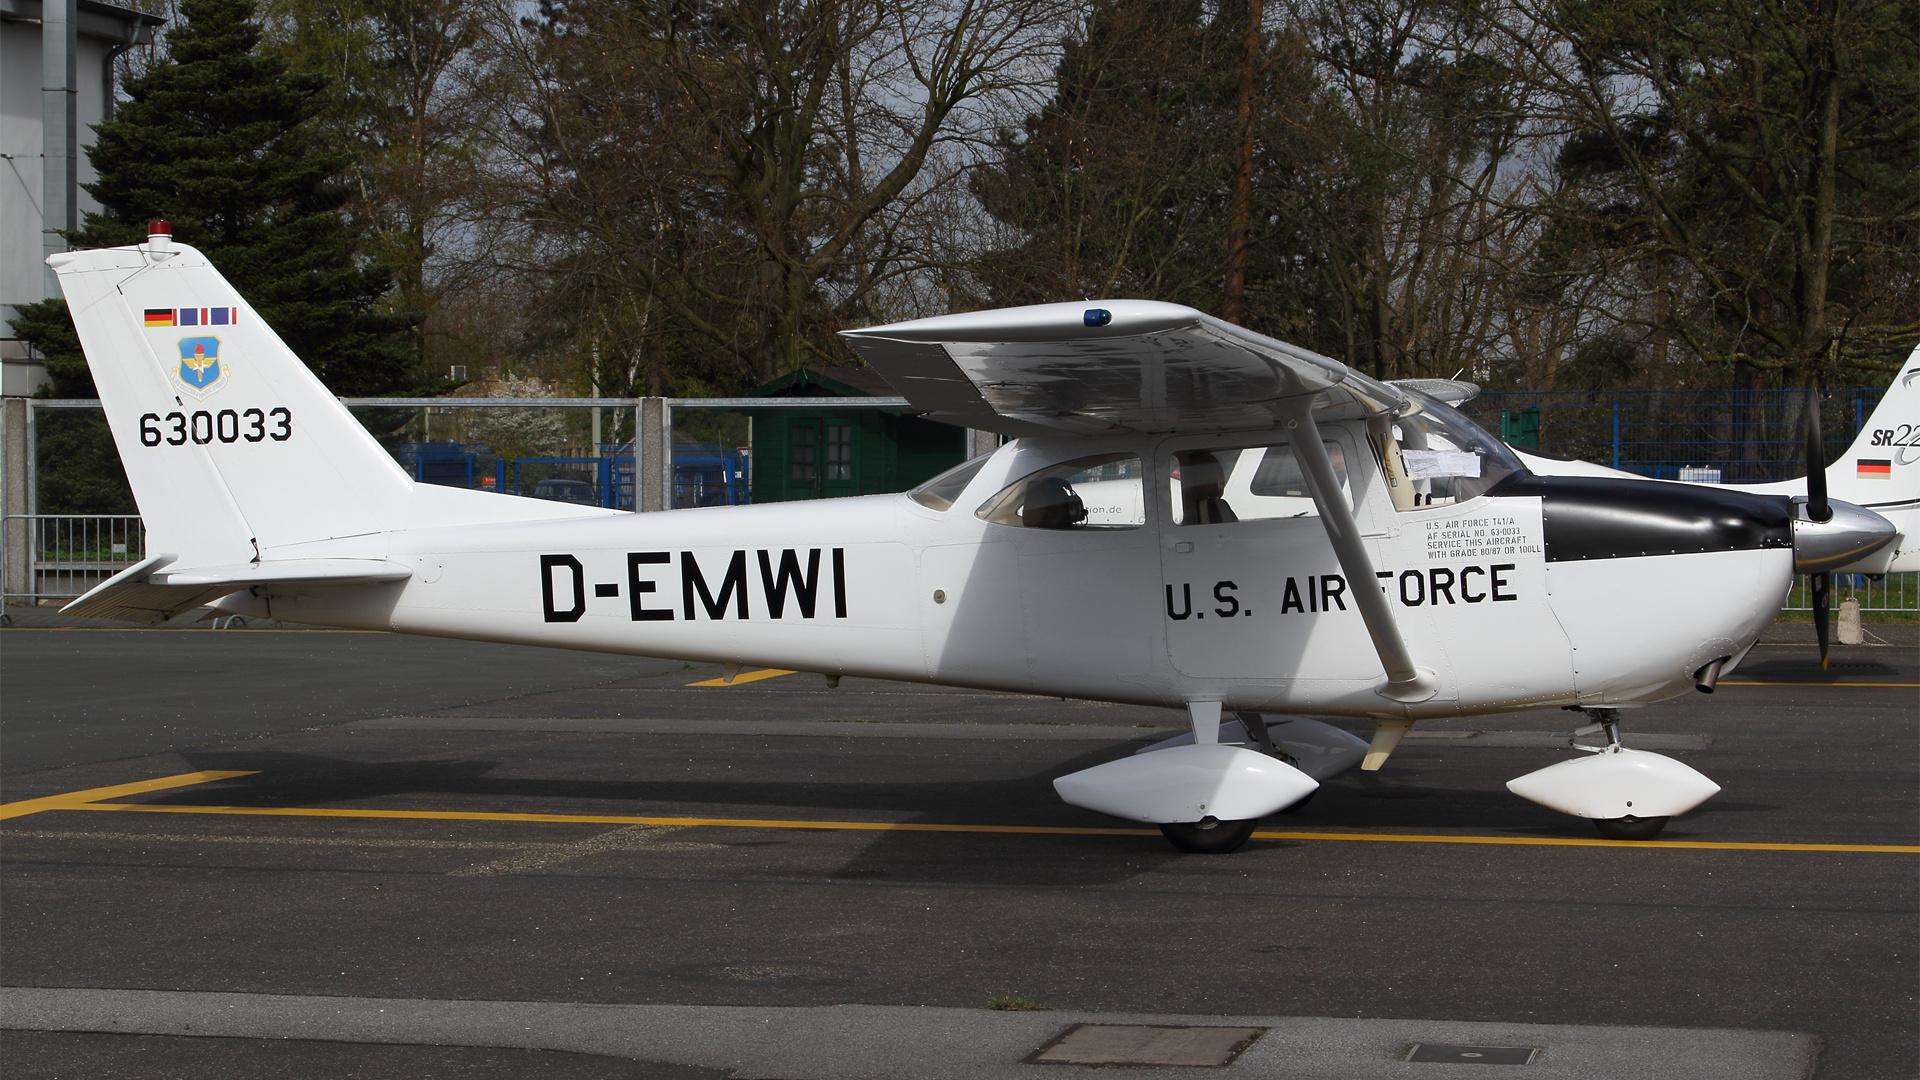 D-EMWI-1 C172 ESS 201504